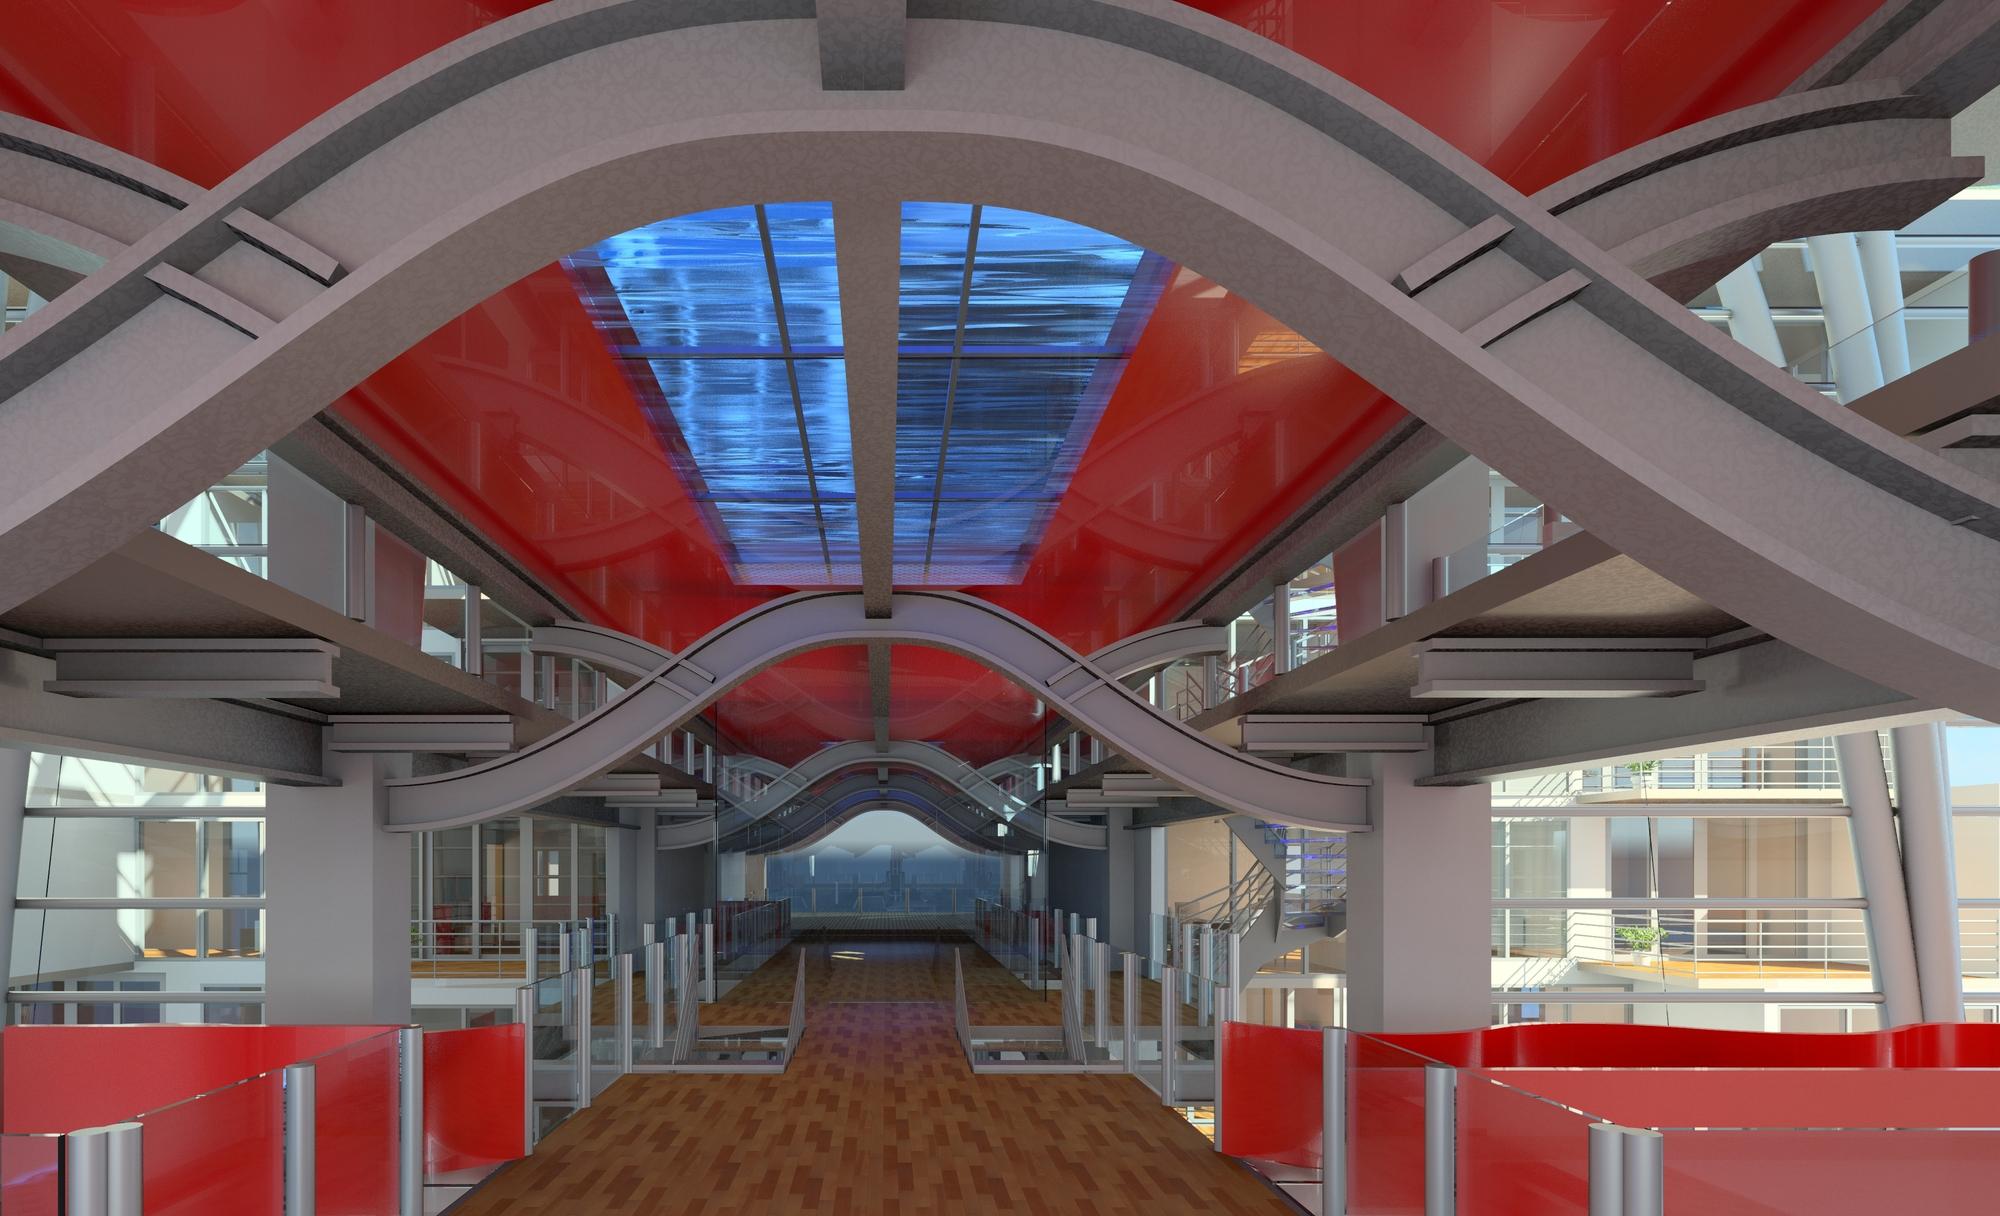 Raas-rendering20140905-22207-tkjno5